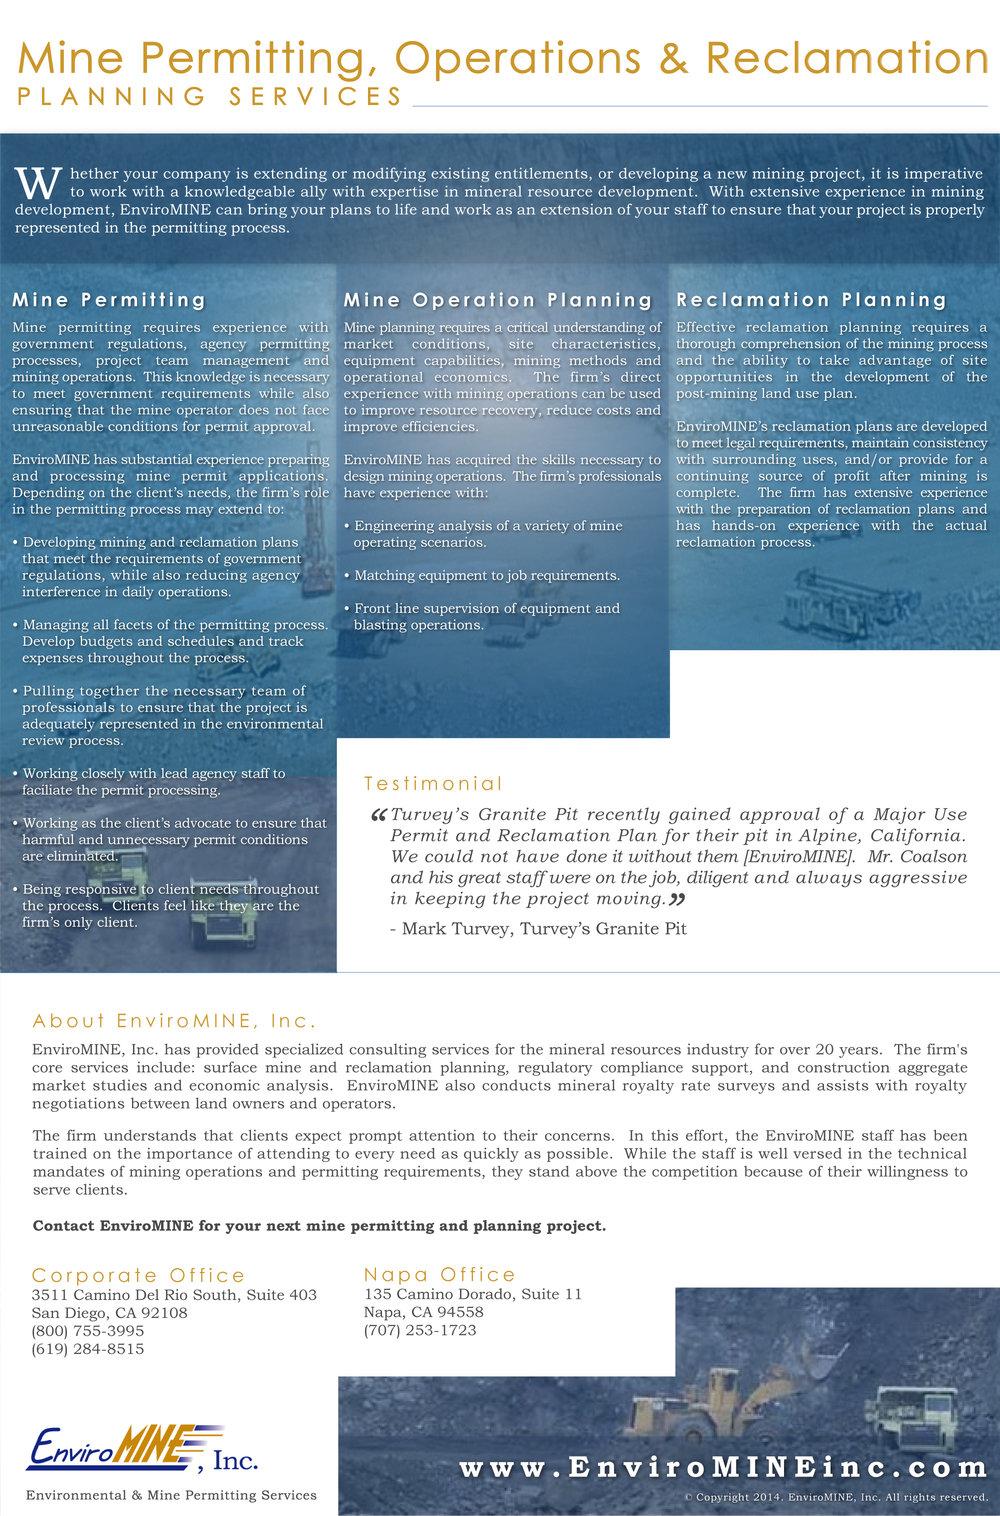 EnviroMINE Marketing Poster